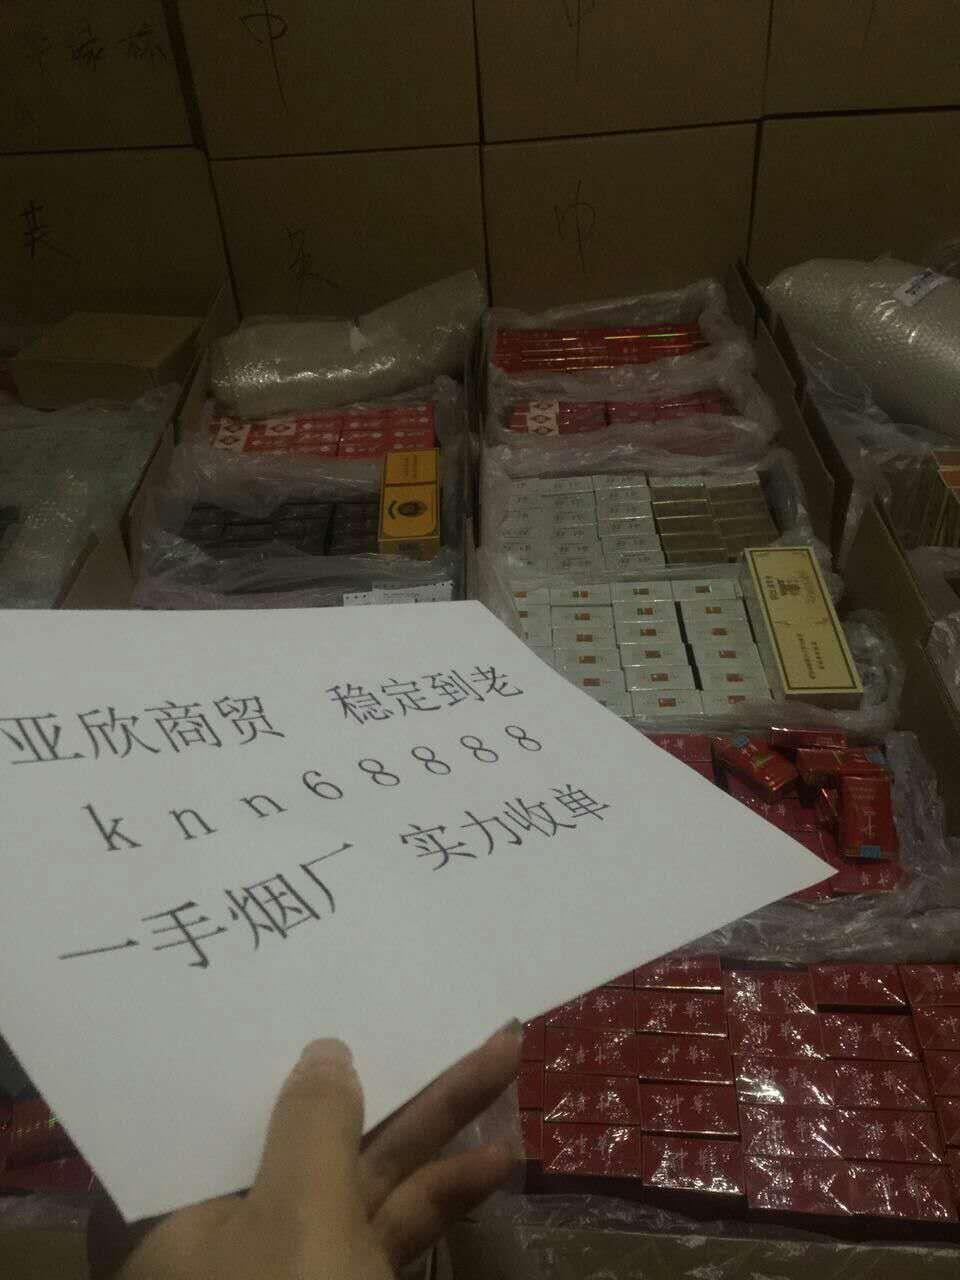 亚欣商贸香烟稳定供货找货源就找亚欣商贸货源的封面大图